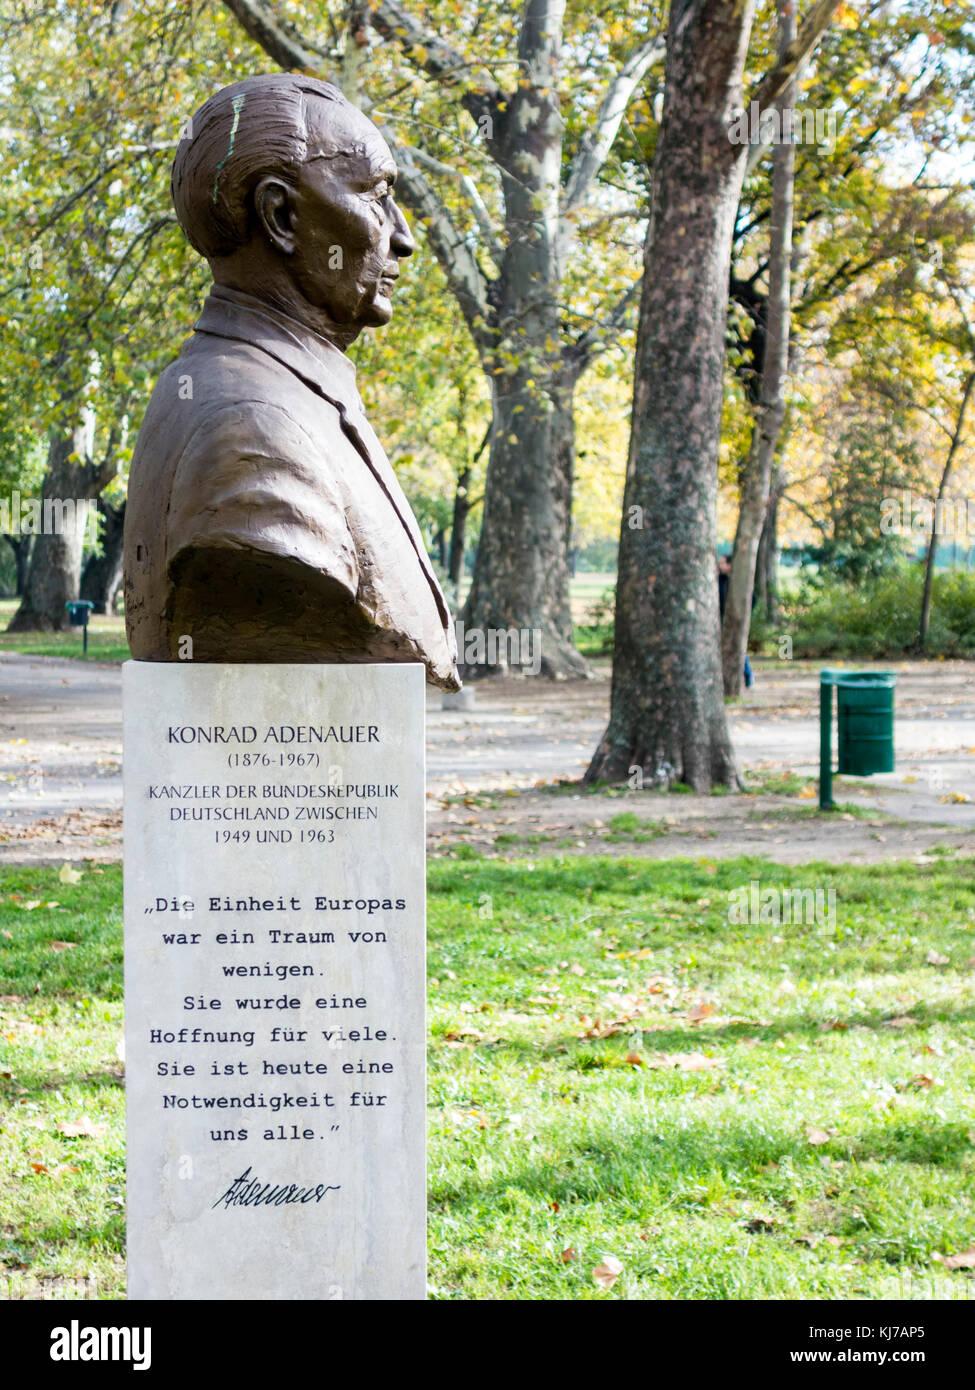 Staue of German chancellor Konrad Adenauer, city park, Budapest - Stock Image